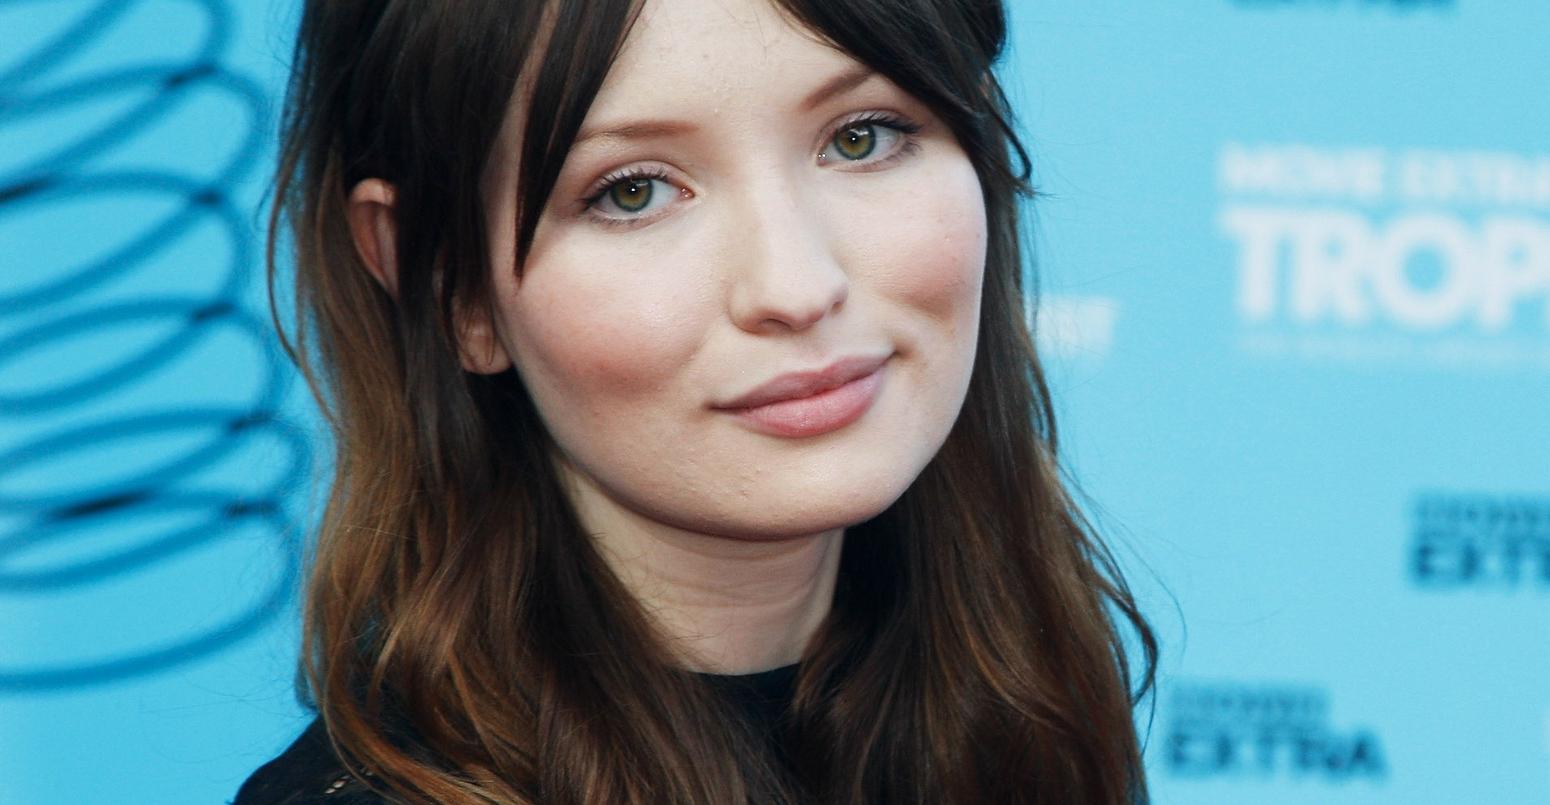 Emily Browning - Actress